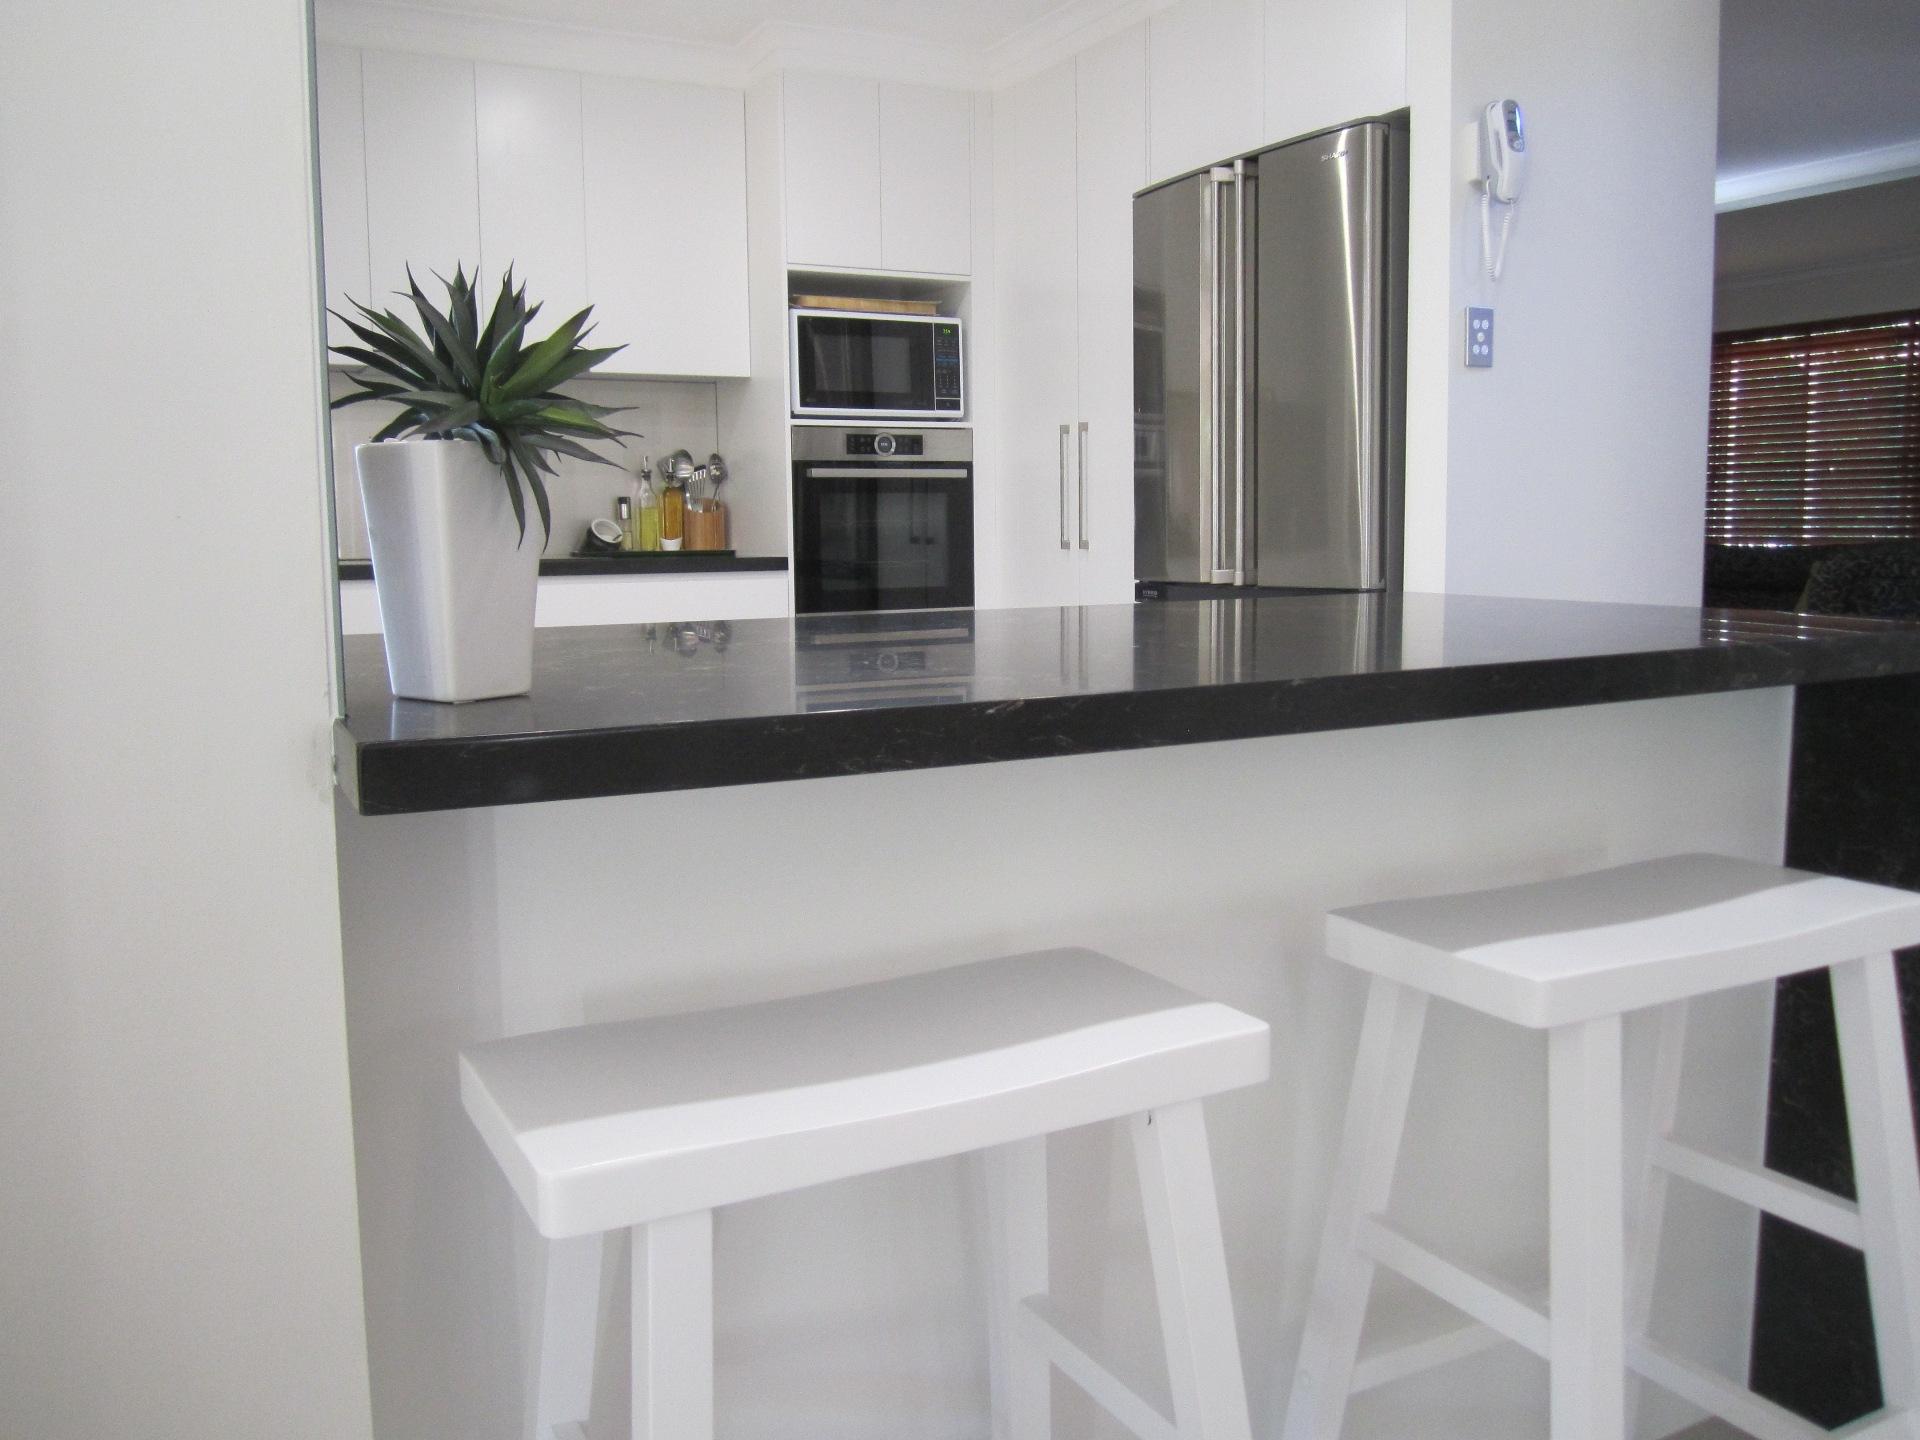 Brisbane Kitchen Design Contemporary Kitchen White 2 Pac Integrated Handles (12)